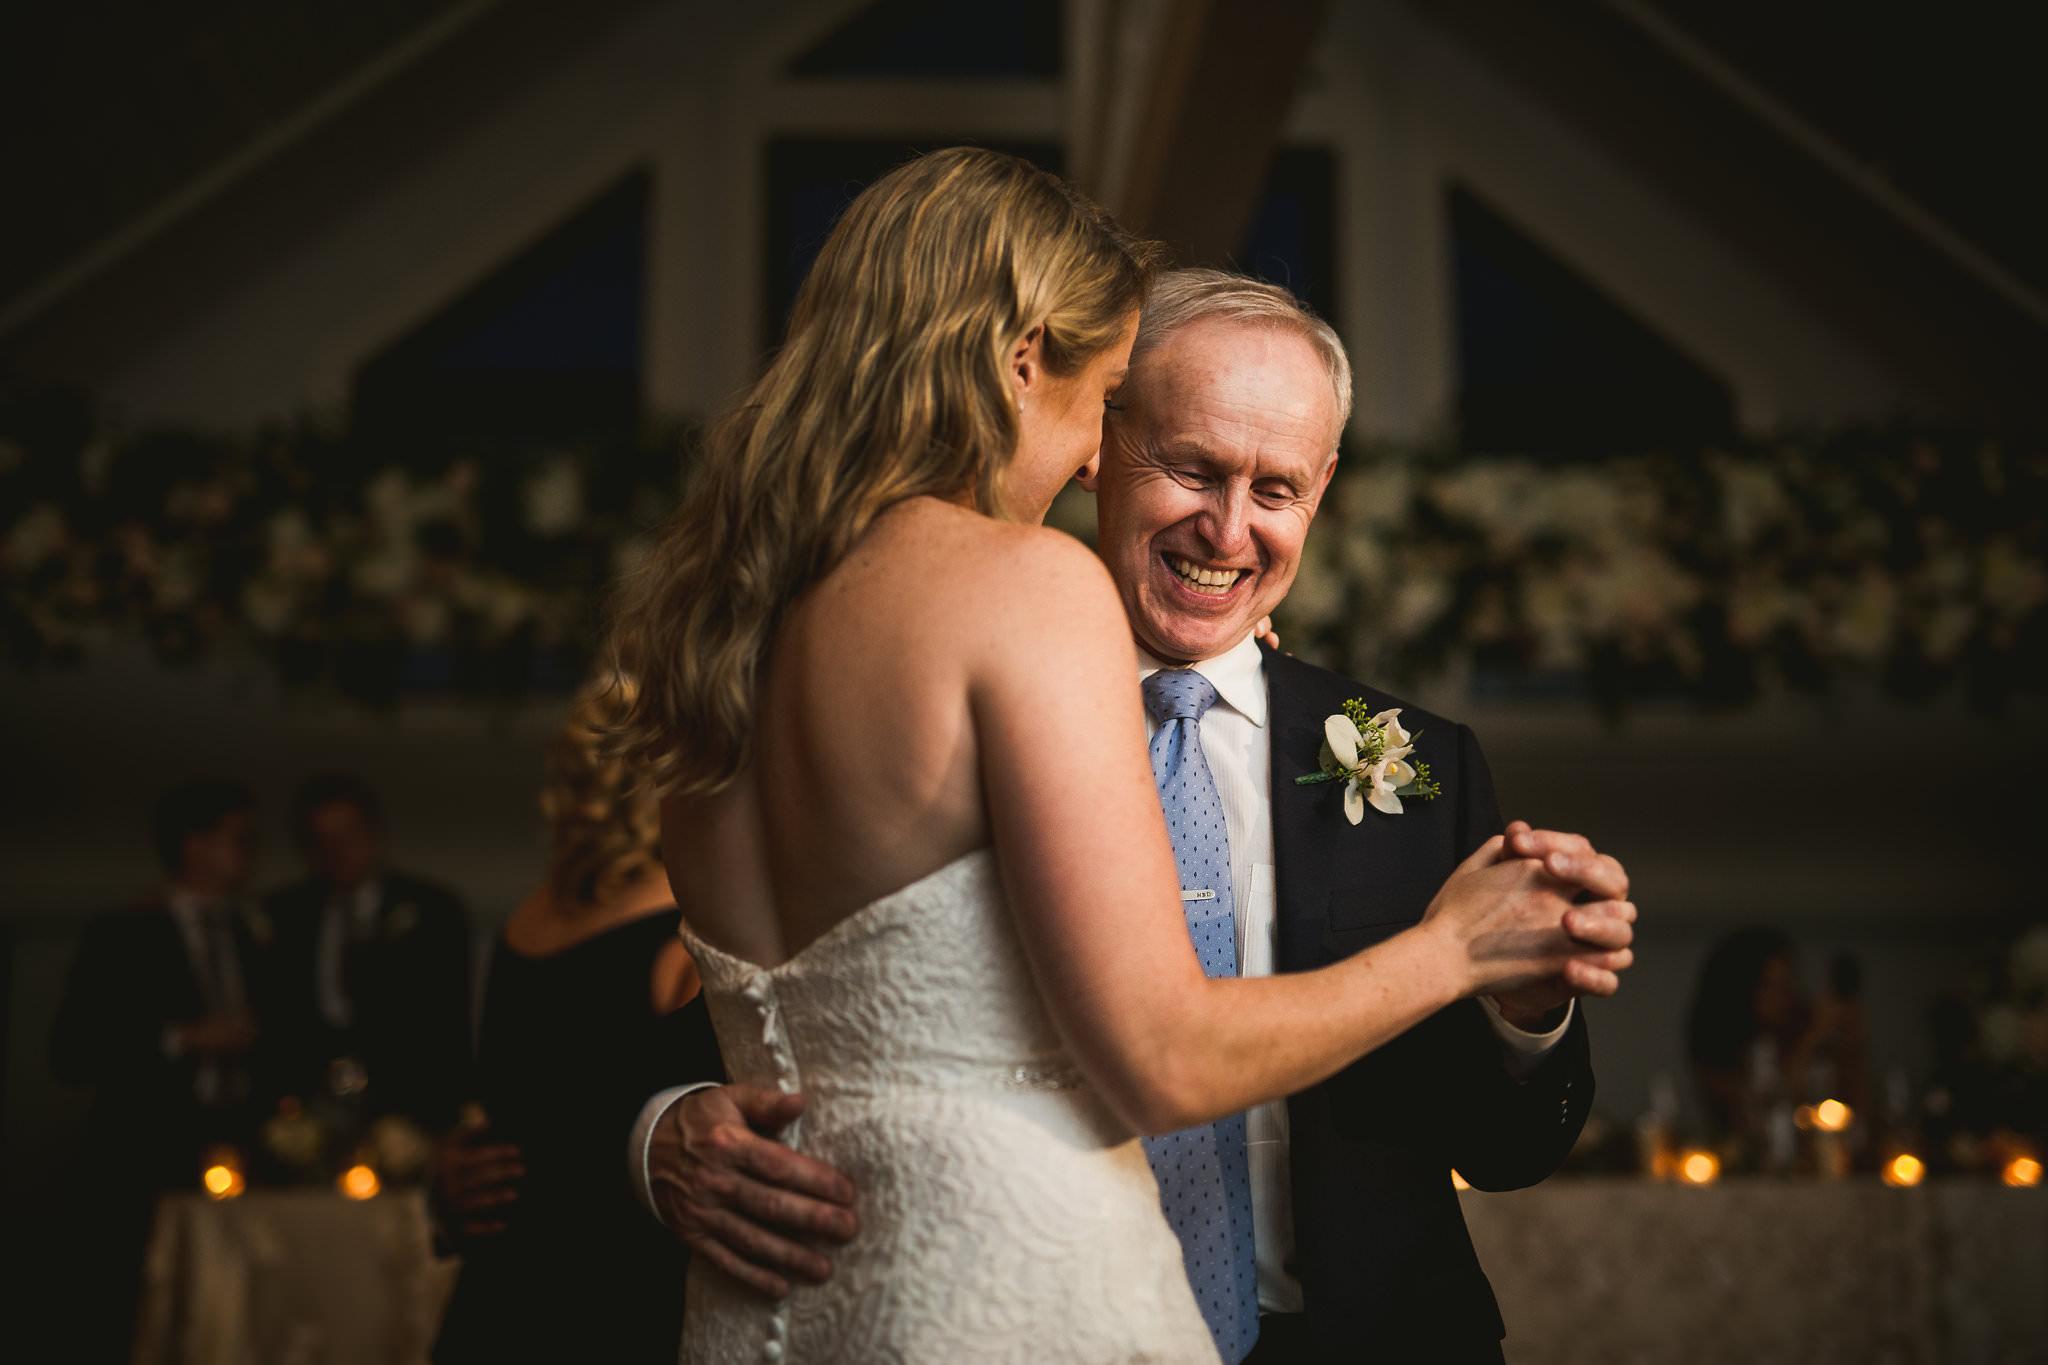 whistlebearweddingphotos 814 - Whistle Bear Wedding Photos